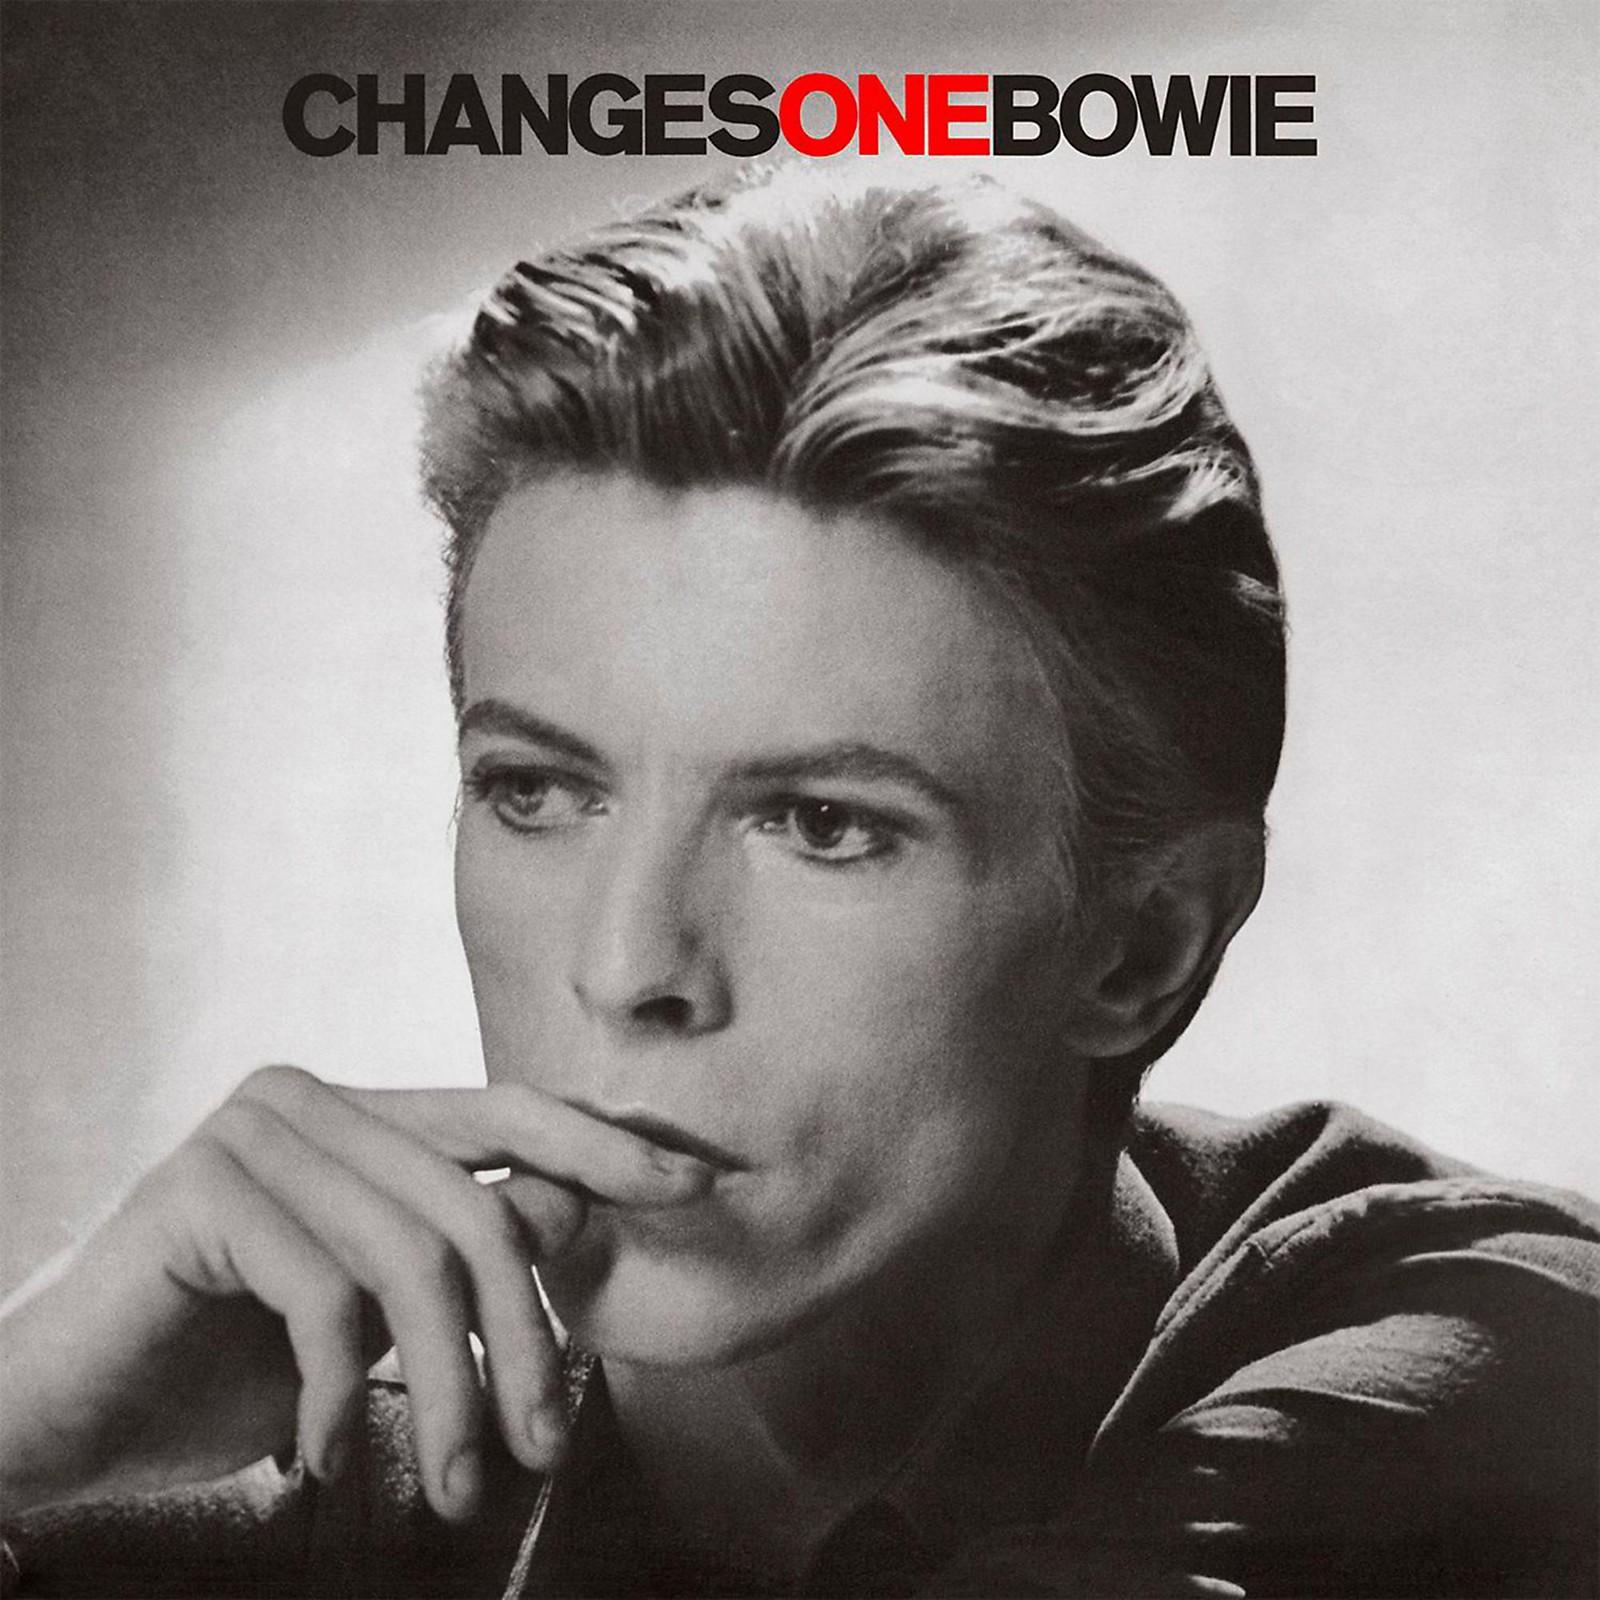 WEA David Bowie - Changesonebowie (180 Gram Vinyl)